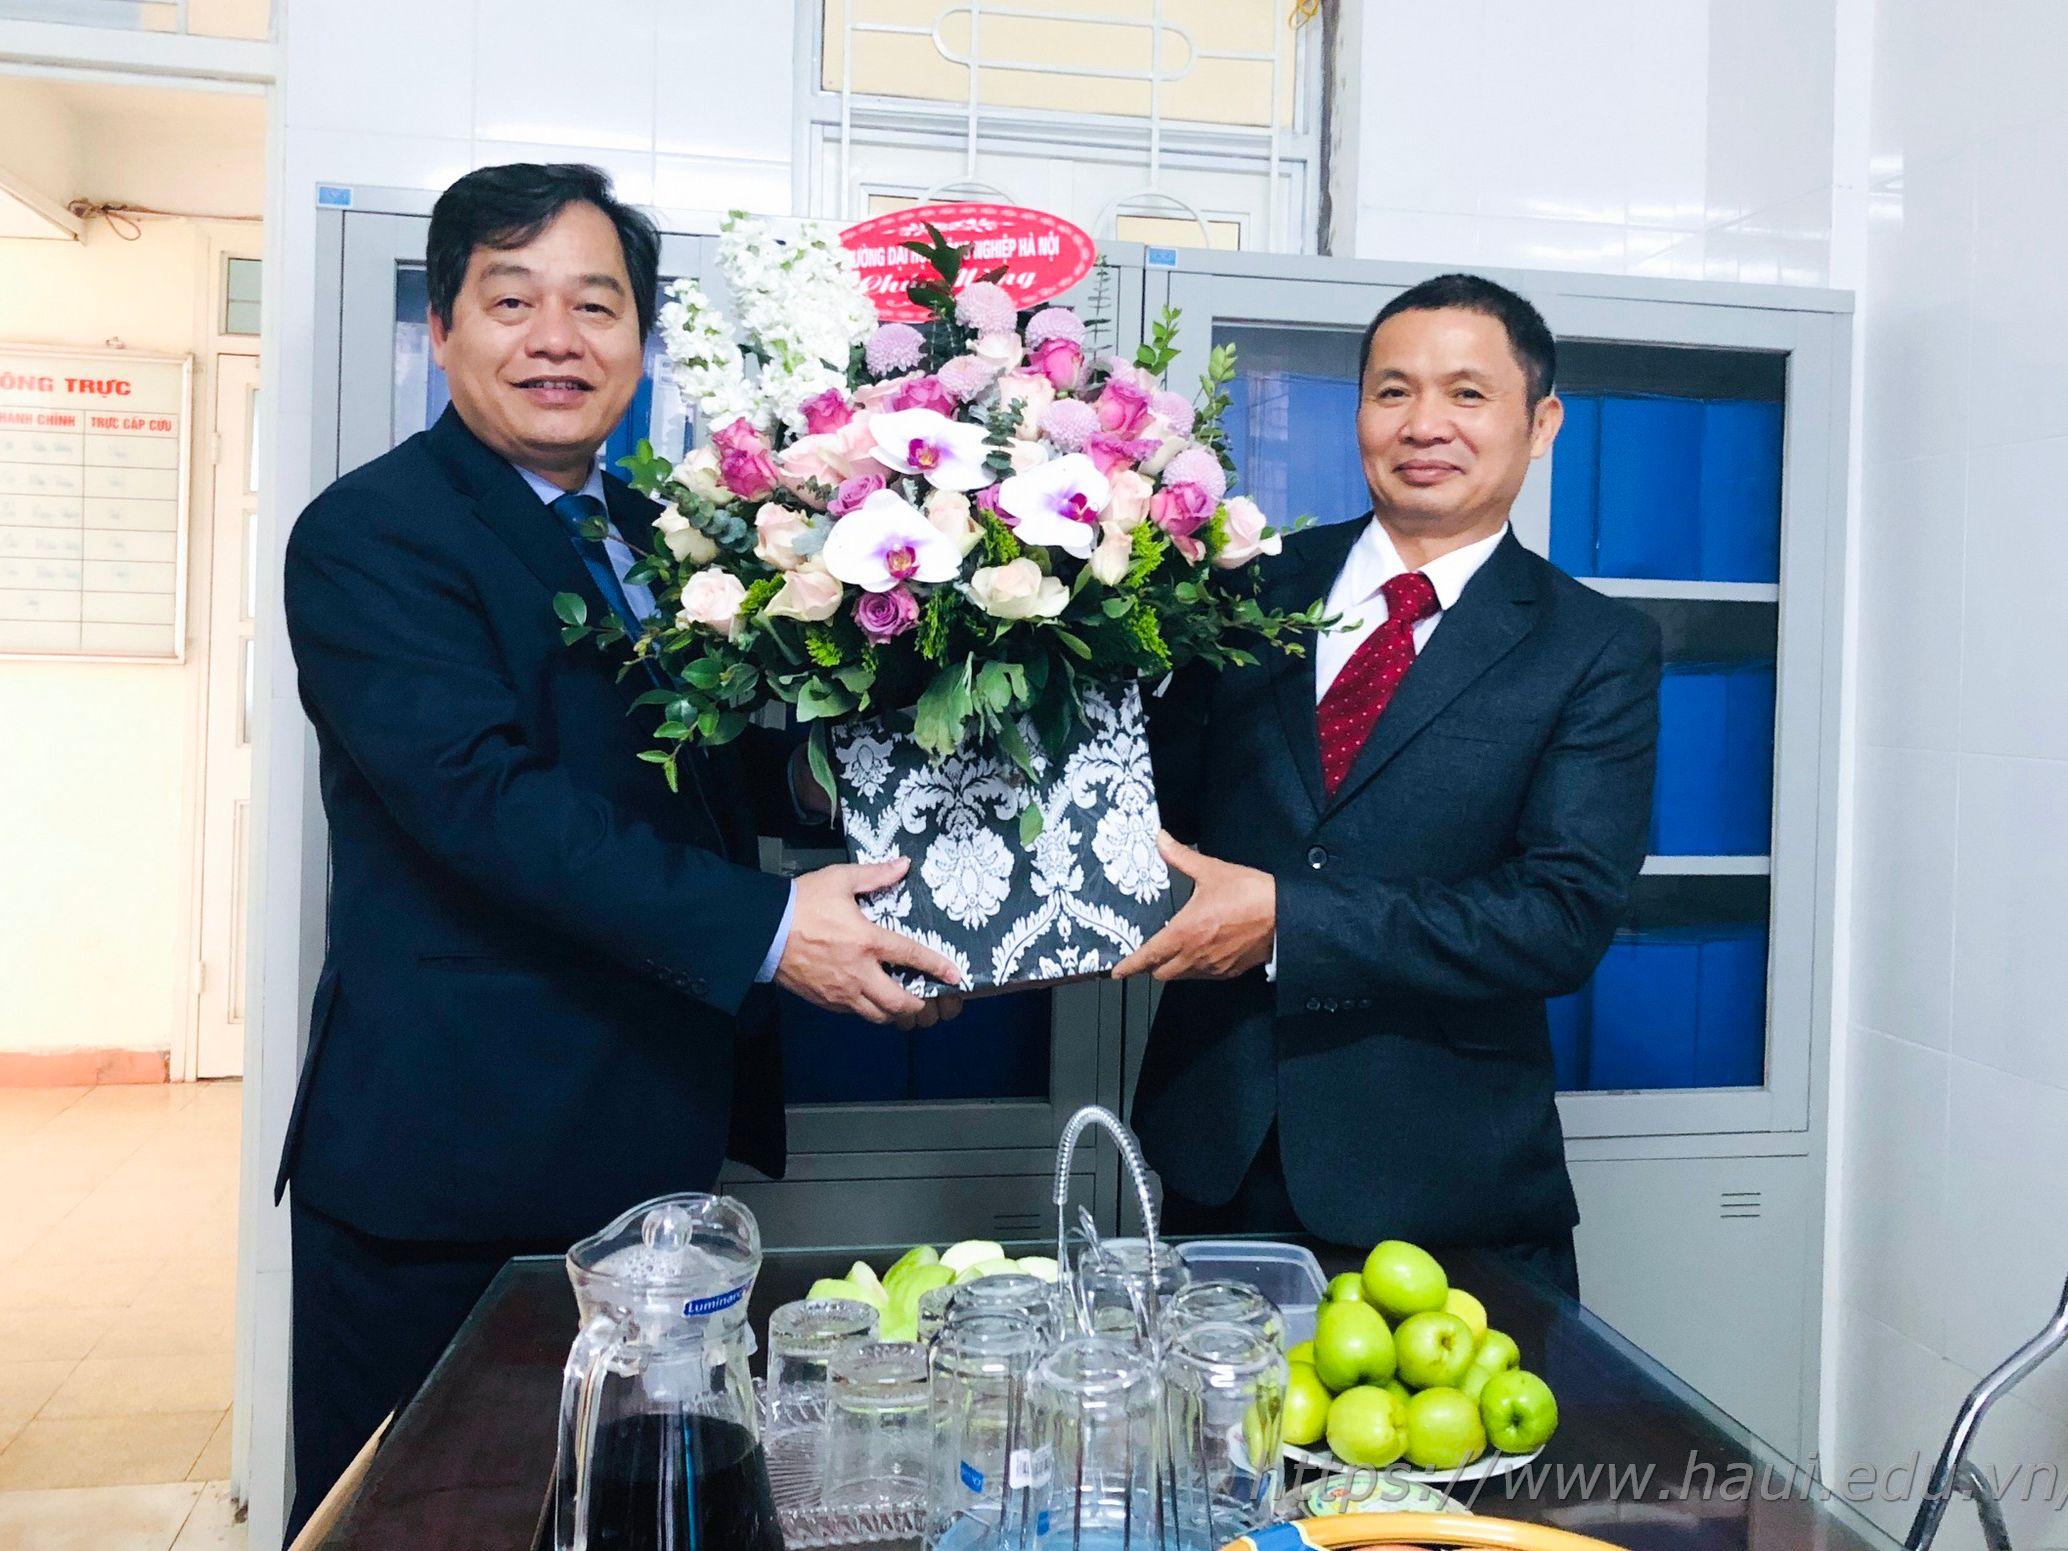 Đại học Công nghiệp Hà Nội chúc mừng ngày Thầy thuốc Việt Nam 27/2